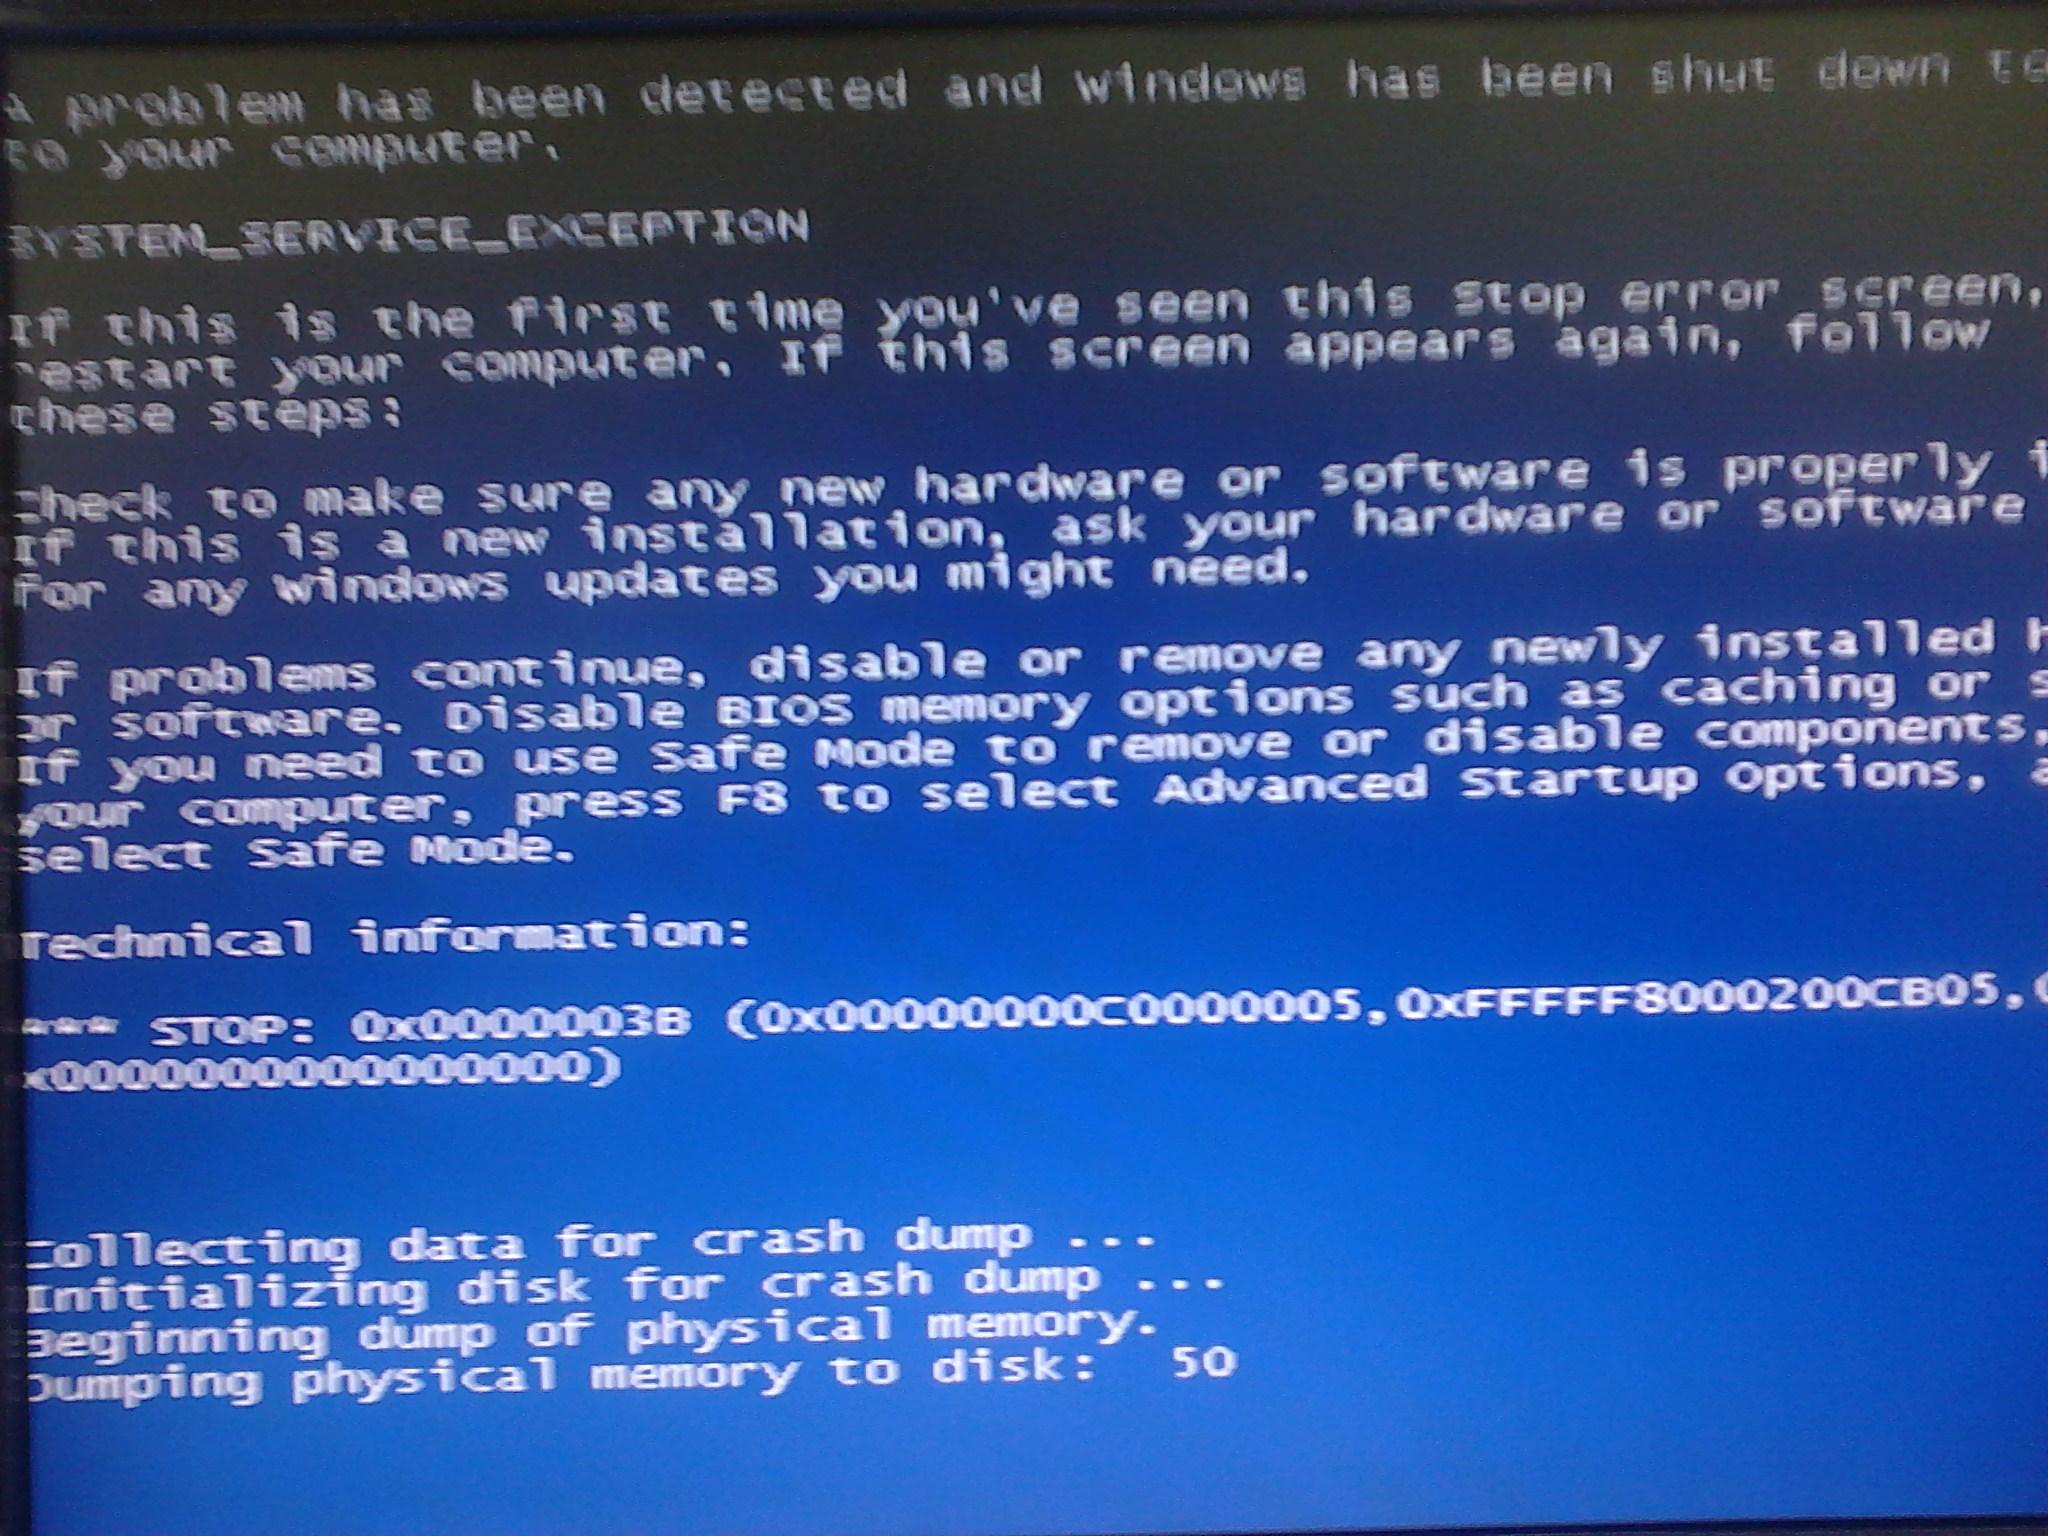 No puedo iniciar sesion en mi windows server 2008 R2 Enterprise